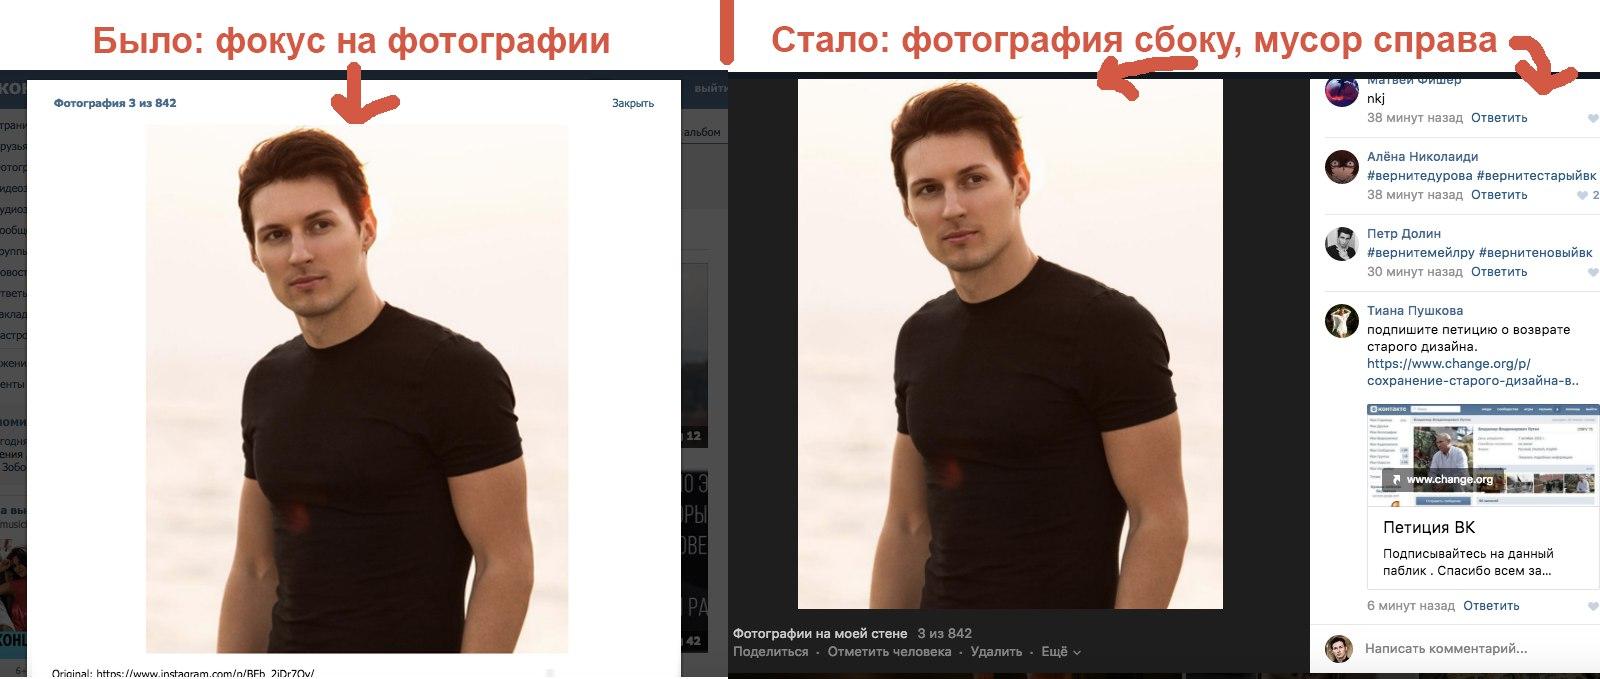 Канал россия телеведущая новостей